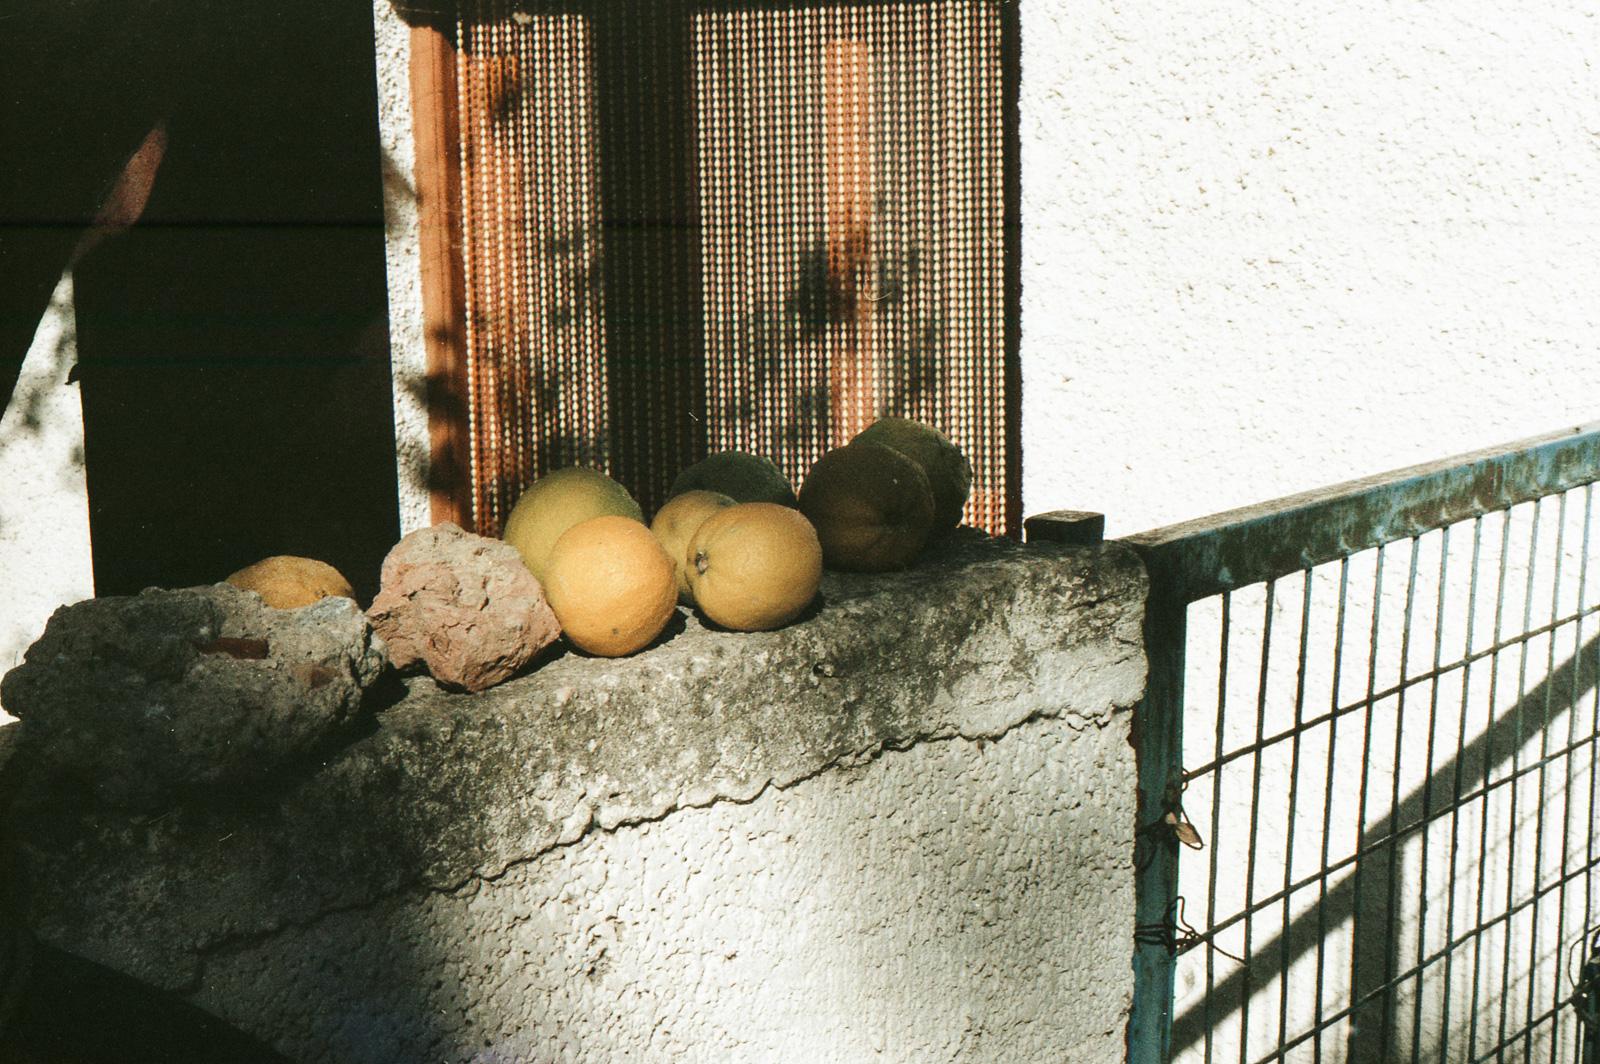 Lemons on the fence